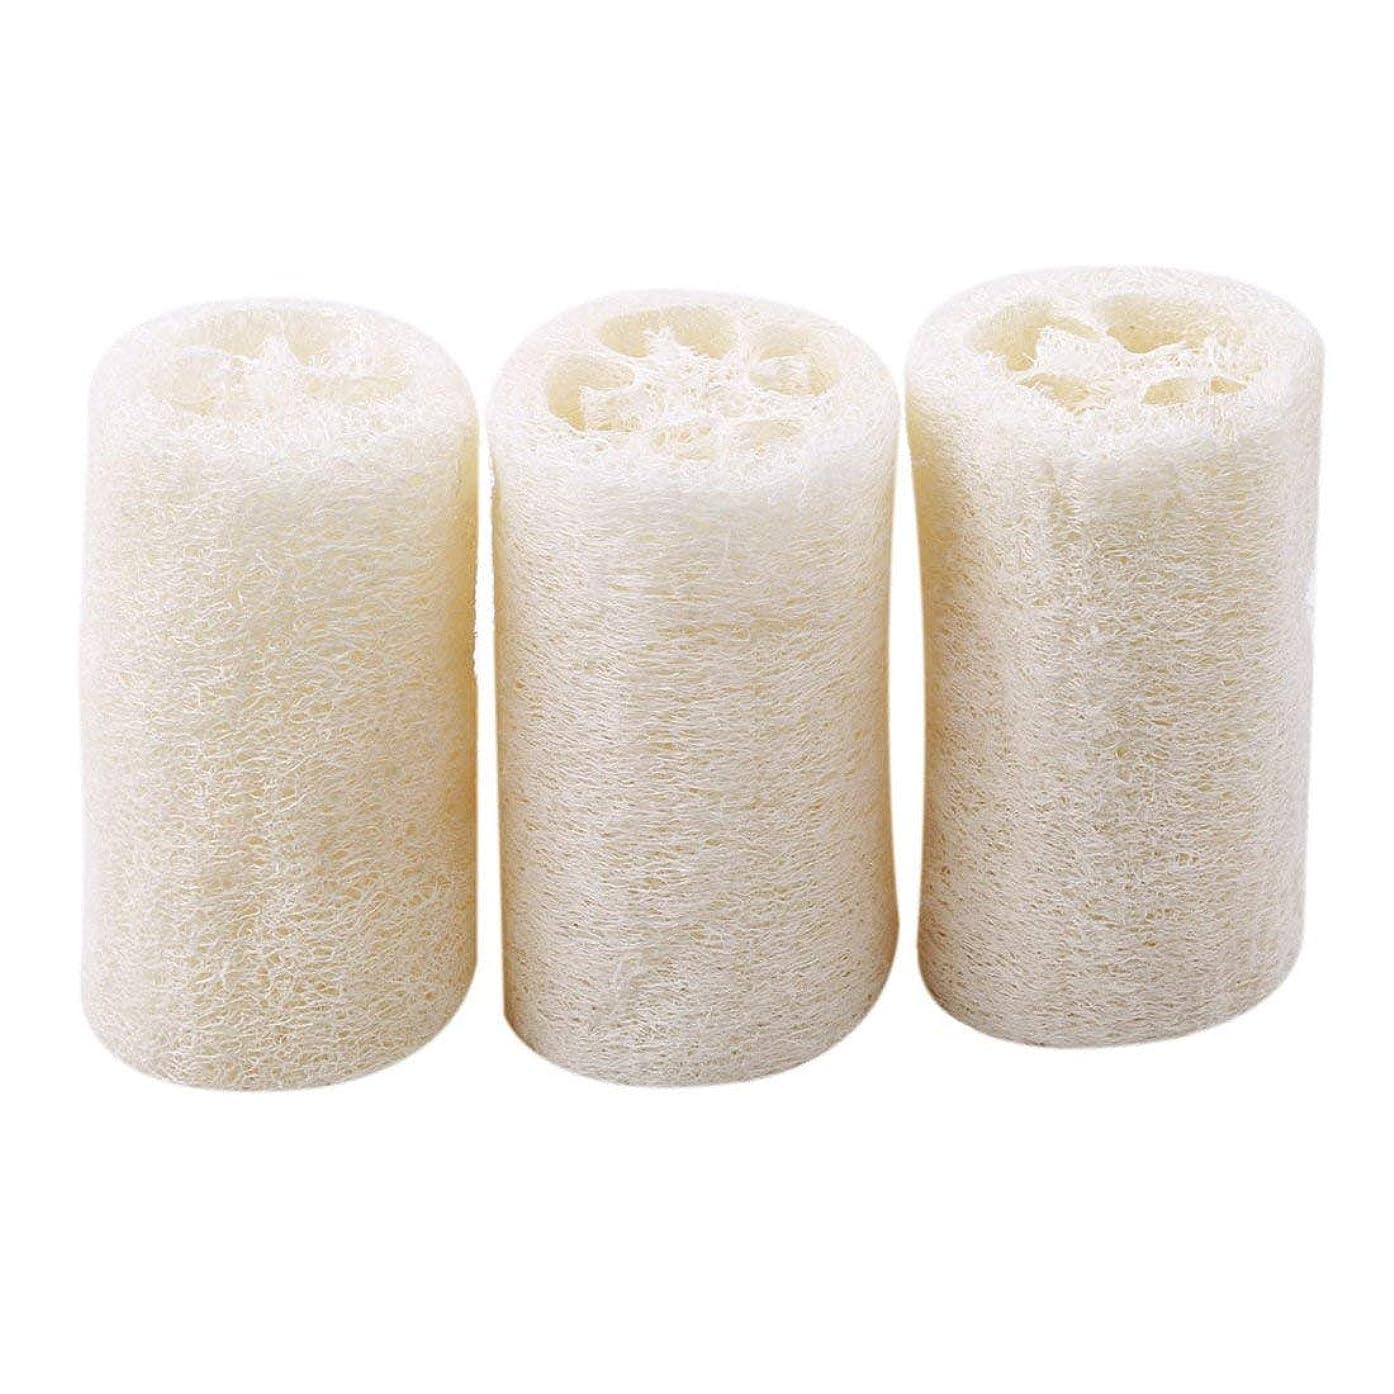 メールエレメンタルまさにOnior 耐久性 ボディースポンジ へちま お風呂 清掃 洗浄作業 3個セット